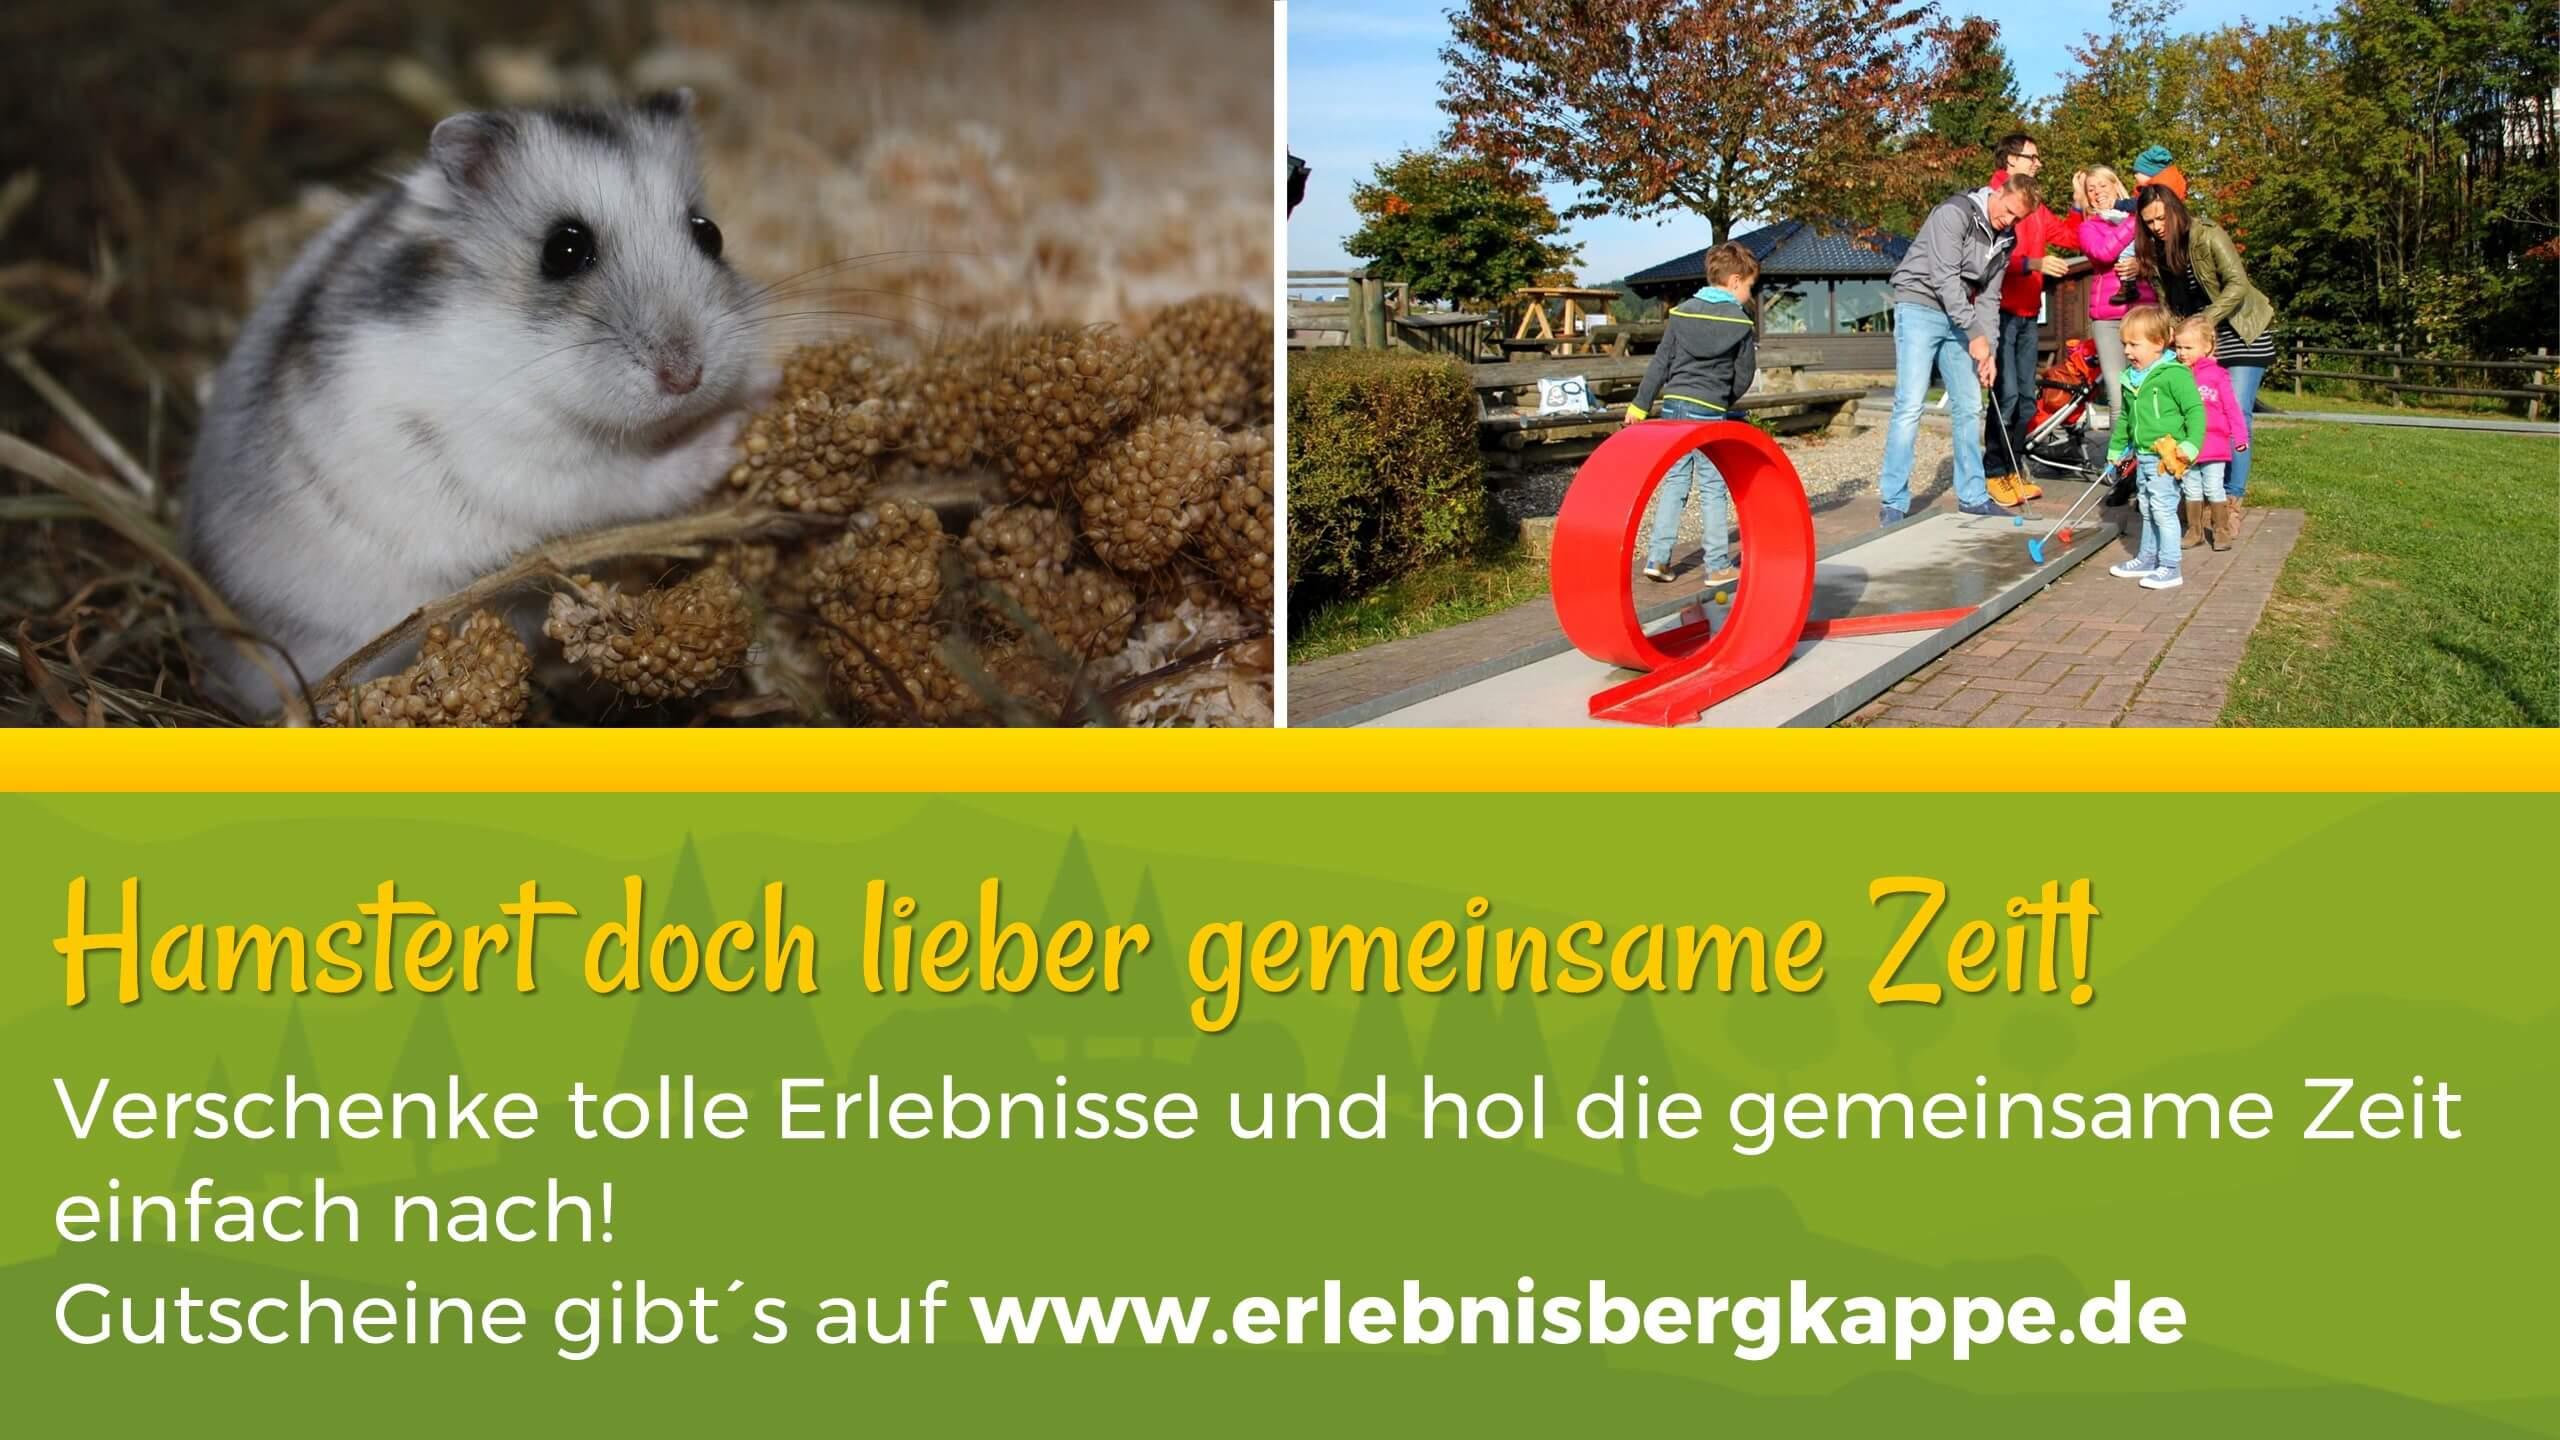 Gutscheine Erlebnisberg Kappe Winterberg (1)